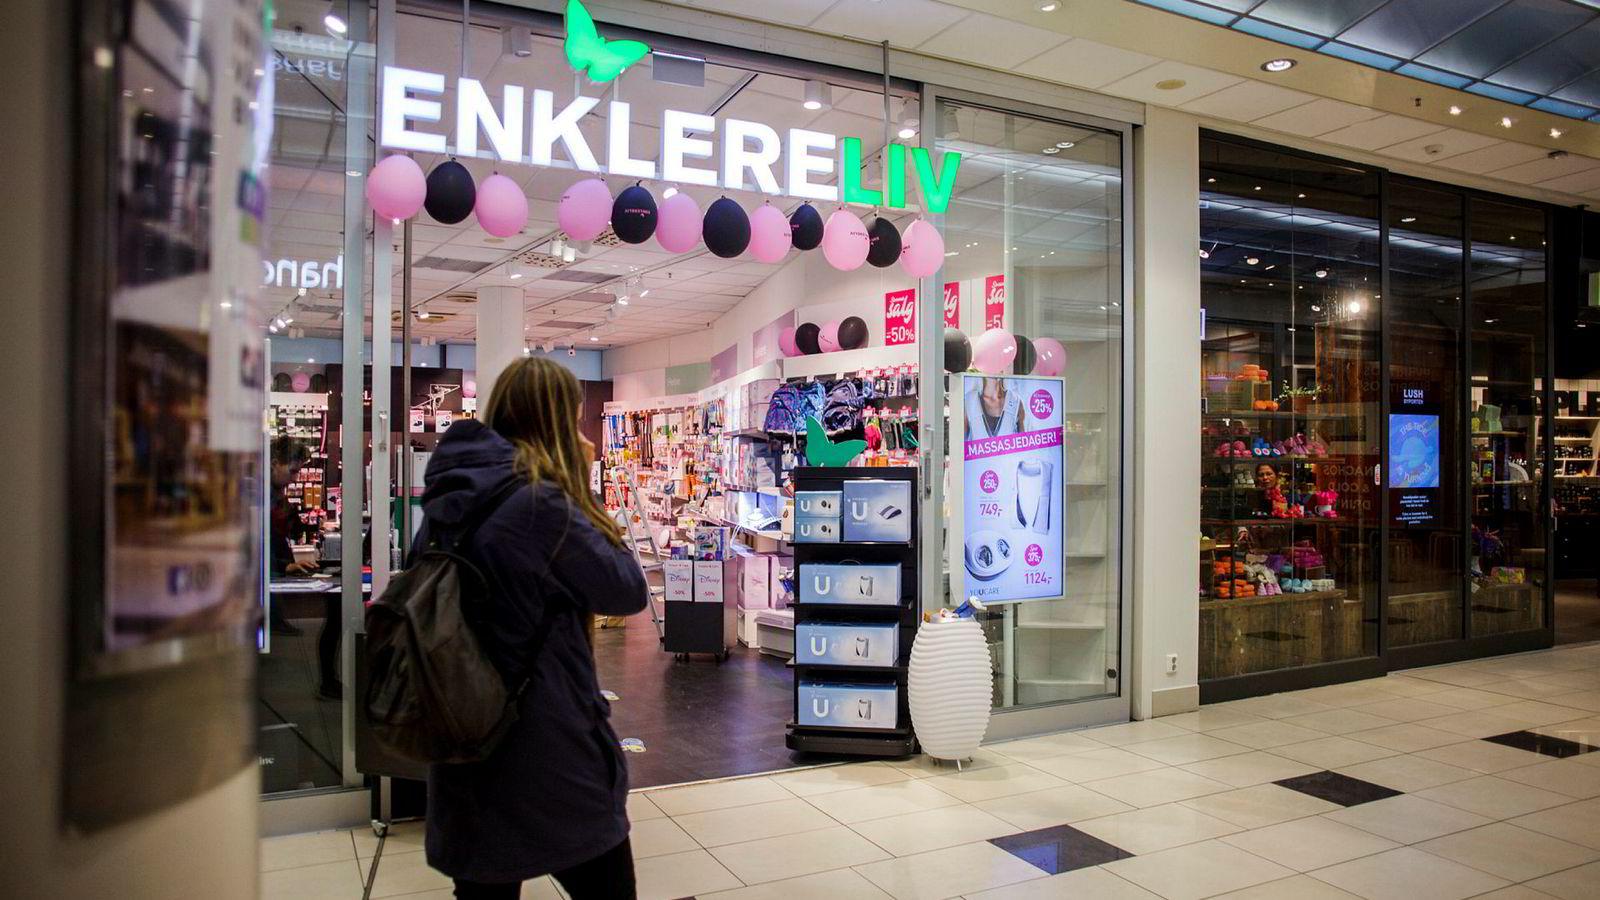 Antall konkurser i detaljhandelen øker kraftig. Butikkjeden Enklere Liv er en av 666 bedrifter innen denne sektoren som har gått konkurs eller er blitt tvangsavviklet i år.